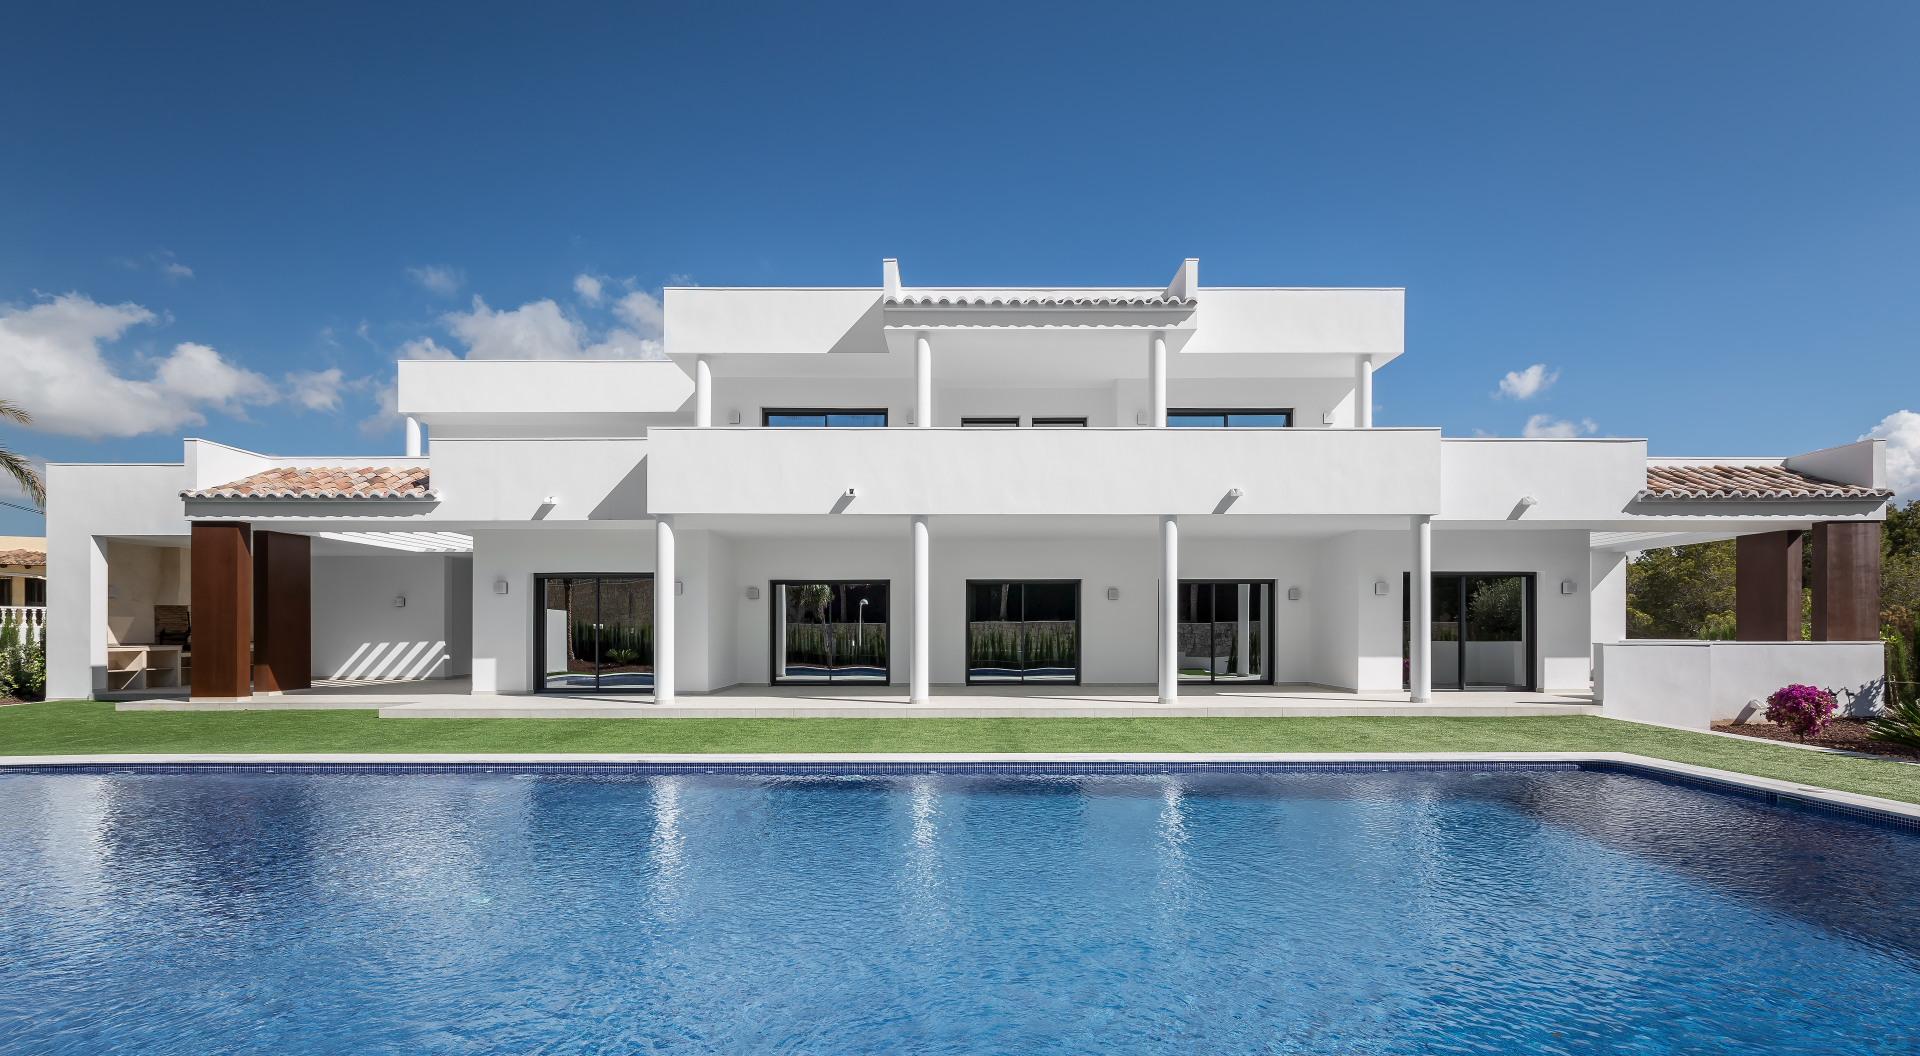 fotografia-arquitectura-interiorismo-valencia-alicante-moraira-german-cabo-laura-yerpes (1)